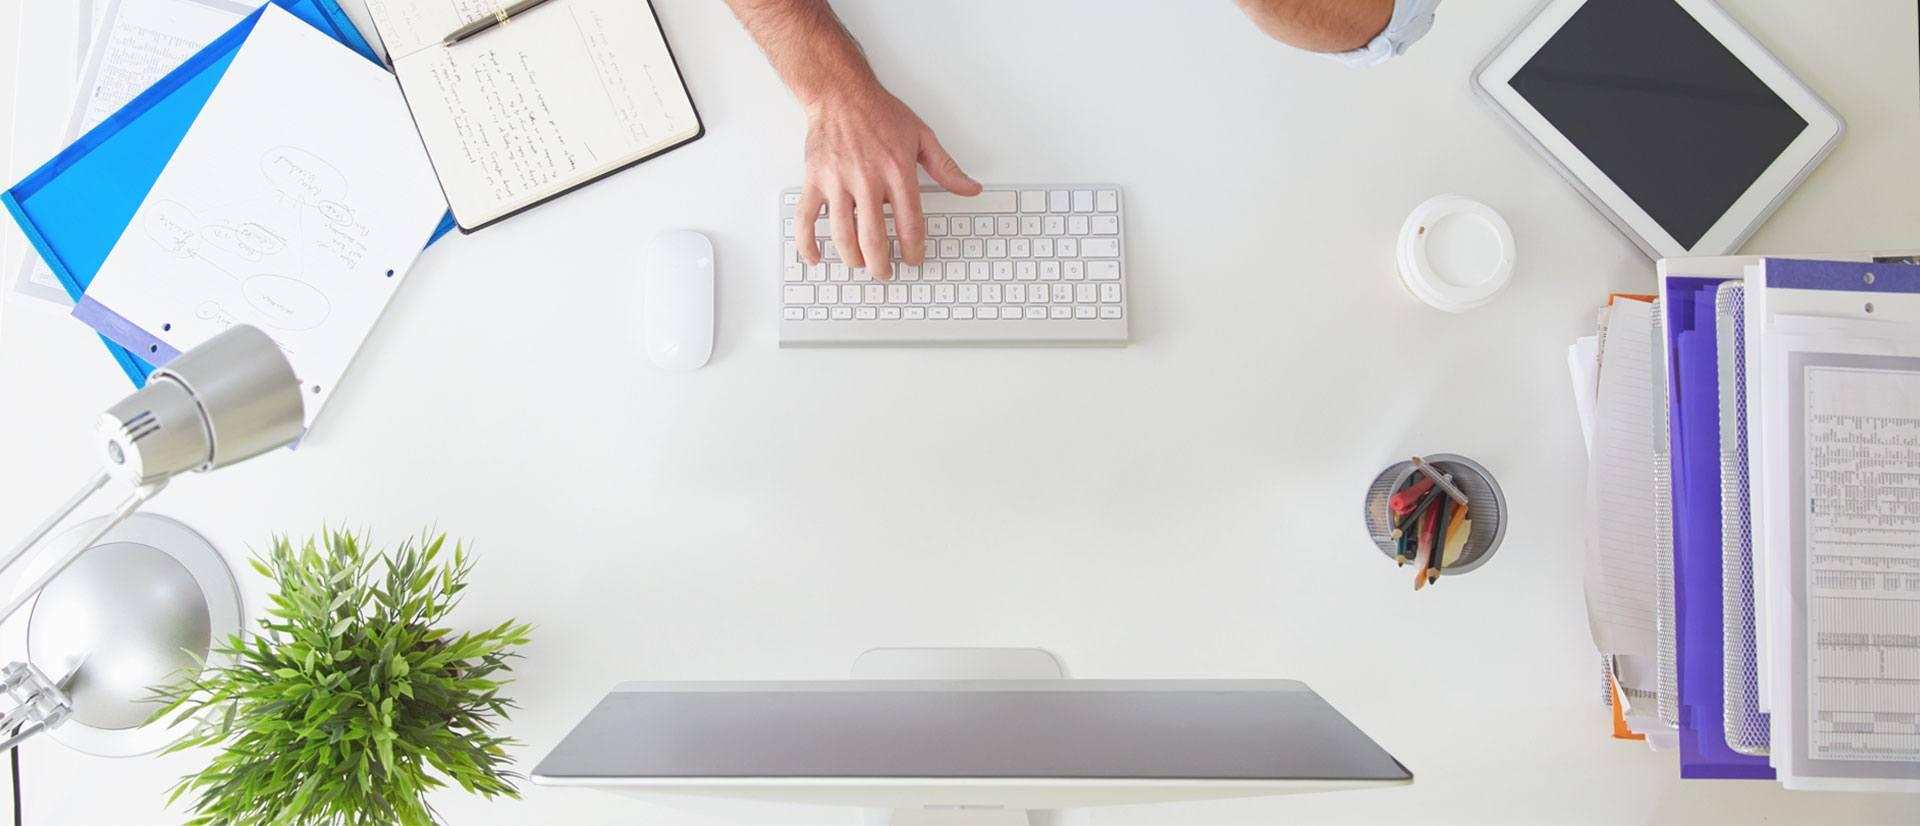 <small></small>WEB TASARIM ÇALIŞMALARI